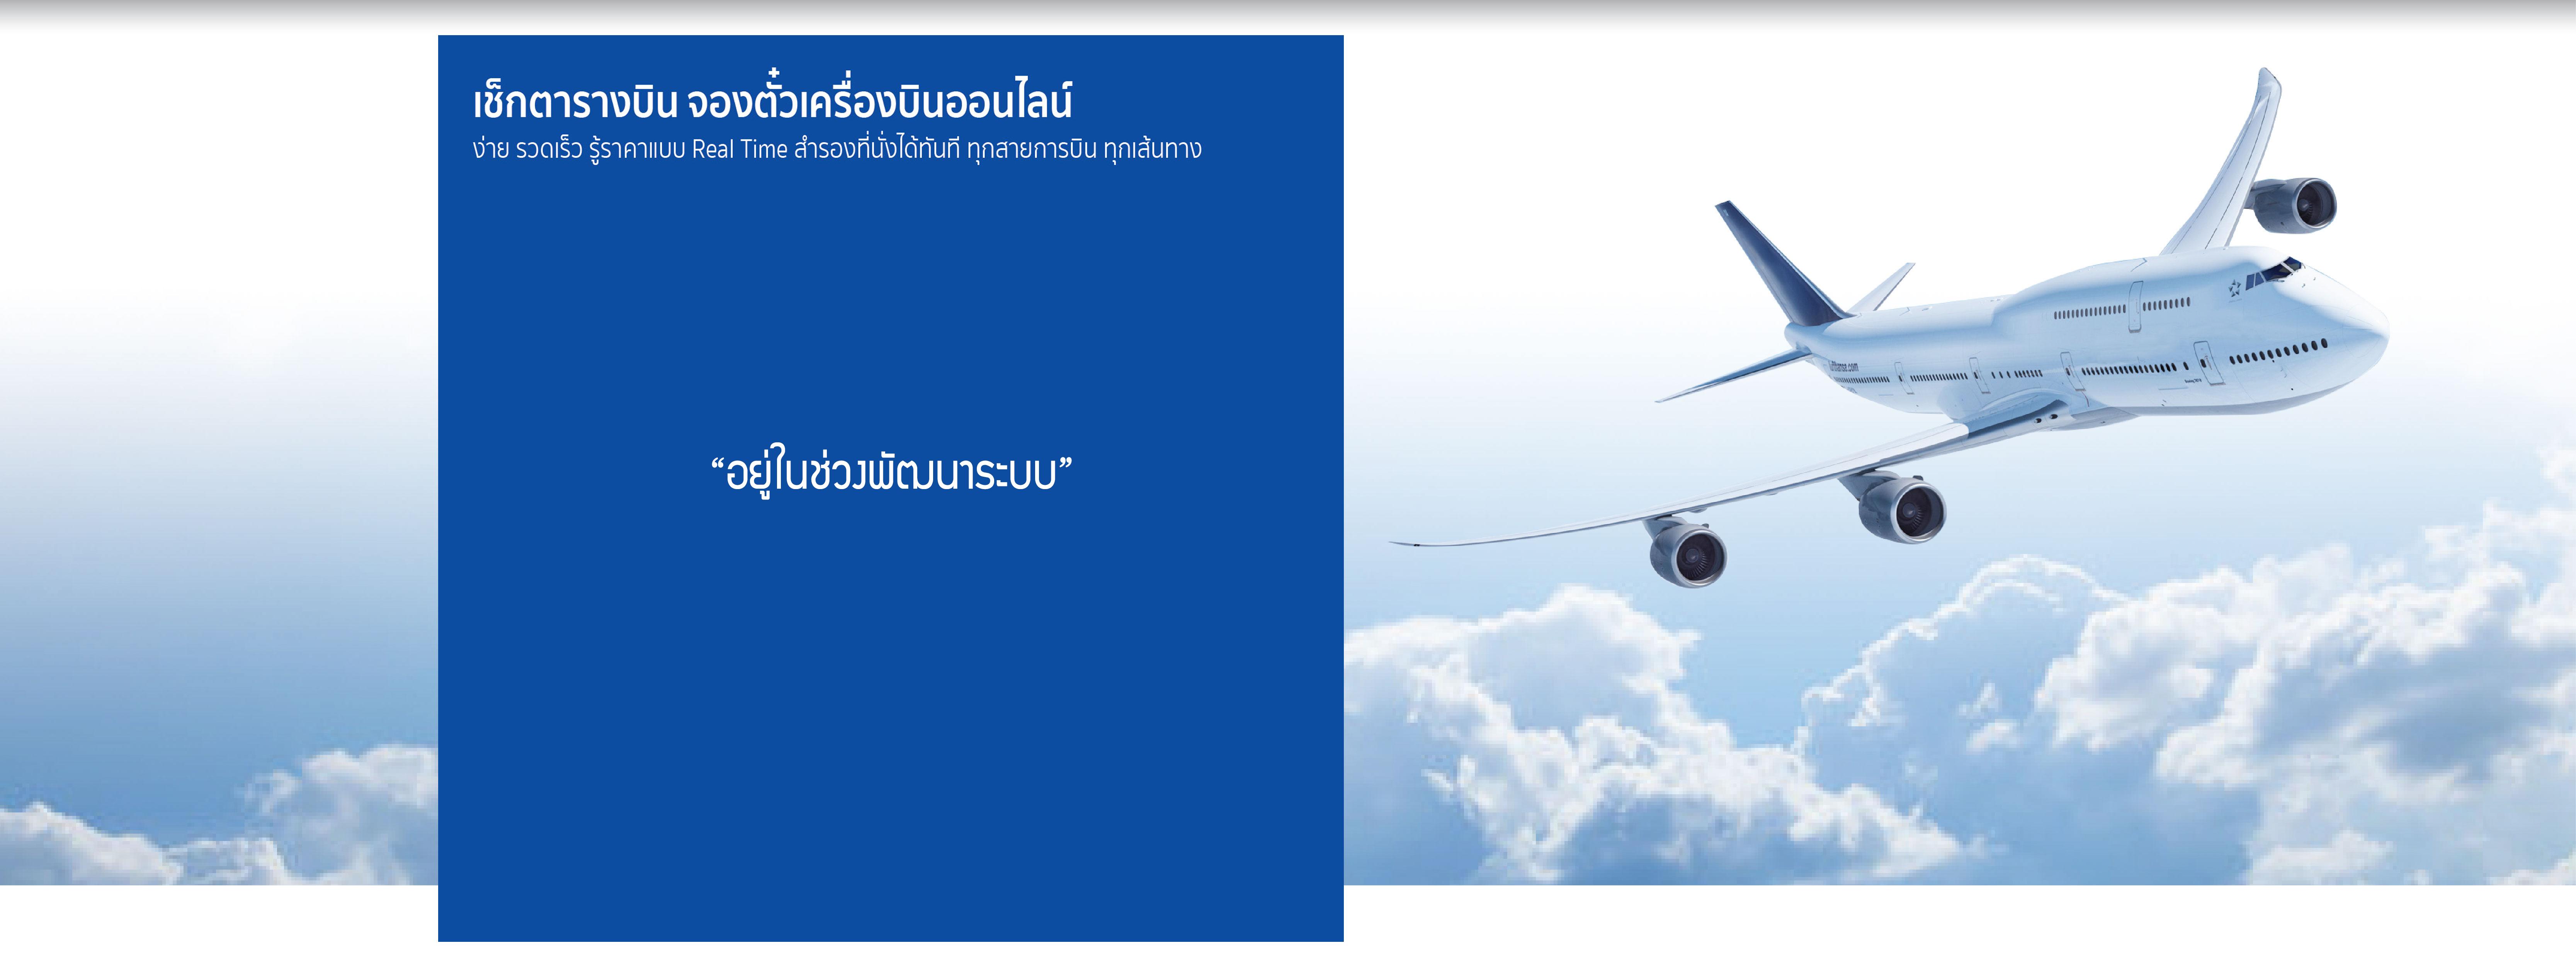 ตั๋วเครื่องบิน , จองตั๋วเครื่องบิน, บริษัทขายตั๋วเครื่องบิน, เอเย่นต์ตั๋วเครื่องบิน , เอเย่นต์ตั๋ว, ขายตั๋วเครื่องบิน, ตั๋วเครื่องบินราคาถูก, ราคาตั๋วเครื่องบิน, จองตั๋วเครื่องบินราคาถูก, เช็คราคาตั๋วเครื่องบิน, โปรโมชั่นตั๋วเครื่องบิน, ซื้อตั๋วเครื่องบิน, เช็คตั๋วเครื่องบิน, ค่าตั๋วเครื่องบิน, เที่ยวบิน, ตั๋วเครื่องบินในประเทศราคาถูก, จองตั๋วเครื่องบินในประเทศ, ที่พัก, โรงแรม, Adisa Active Agency, Travel Agency, ตั๋วเครื่องบินราคาถูก, จองตั๋วเครื่องบินราคาสุดคุ้ม, โปรโมชั่น AirAsia, โปรโมชั่นตั๋วเครื่องบิน, จองโปรตั๋วราคาถูก, ดีลที่พัก, ตั๋วเครื่องบินและโรงแรมราคาถูก, เที่ยวบินราคาถูกทีสุด, เที่ยวบินราคาโปรโมชั่น, ขายตั๋วเครื่องบินราคาถูก, ตั๋วในประเทศ, ตั๋วต่างประเทศ, ตั๋วเครื่องบินราคาพิเศษ, ราคาตั๋วเครื่องบิน, สายการบิน, ตั๋วเครื่องบินการบินไทย,แอร์เอเชีย,นกแอร์,Thai Airways, โปรโมชั่นตั๋วเครื่องบิน, ตั๋วเครื่องบินโปรโมชั่น, ตั๋วเครื่องบินลดราคา, ตั๋วลดราคา, ตั๋วสุดประหยัด ทั่วโลก ราคาพิเศษ, ตั๋วเครื่องบินลูกค้าบริษัท, ตั๋วบริษัท, ตั๋วเครื่องบินลูกค้าองค์กร, ลูกค้าธุรกิจ ตั๋วธุรกิจ, ตั๋วเอกชน ลูกค้าเอกชน, ตั๋วหมู่คณะ, ตั๋วกรุ๊ป, เปรียบเทียบบริษัทขายตั๋วเครื่องบิน, ตั๋วเครื่องบินคุ้มราคา, อัพเดทดีลตั๋วเครื่องบินราคาถูก, เส้นทางยอดฮิตทั้งในและต่างประเทศ, เช็คตั๋วเครื่องบินโปรโมชั่น, แพ็คเกจทัวร์, บริษัททัวร์, ทัวร์ราคาประหยัด, โปรโมชั่นทัวร์, รับจัดทัวร์ตั๋วเครื่องบิน การบินไทย, ตั๋วเครื่องบิน แอร์เอเชีย, ตั๋วเครื่องบิน นกแอร์, ตั๋วเครื่องบิน ไทยไลอ้อนแอร์, ตั๋วเครื่องบิน โลว์คอสต์, ตั๋วเครื่องบิน ไทยสไมล์, ตั๋วเครื่องบิน เอมิเรสต์, ตั๋วเครื่องบิน กาต้าร์แอร์ไลน์, ตั๋วเครื่องบิน ออลนิปปอน, ตั๋วเครื่องบิน อีว่าแอร์, ตั๋วเครื่องบิน บางกอก แอร์เวย์, ตั๋วเครื่องบิน ลุฟท์ฮันซ่า, ตั๋วเครื่องบิน คาเธ่ย์ แปซิคฟิค